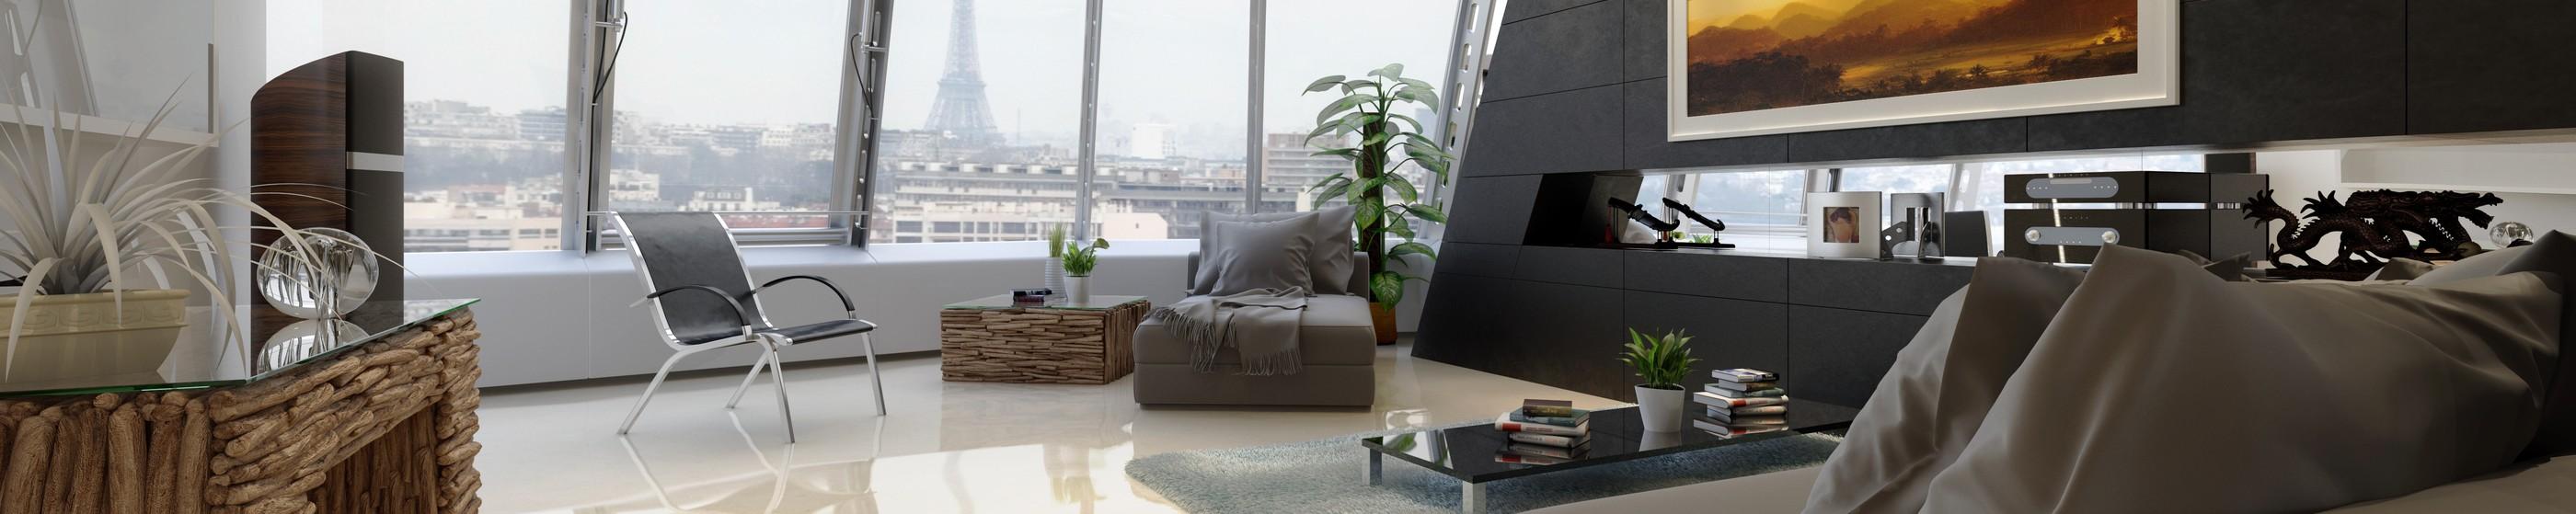 chambre d'hôtel avec vue sur Paris